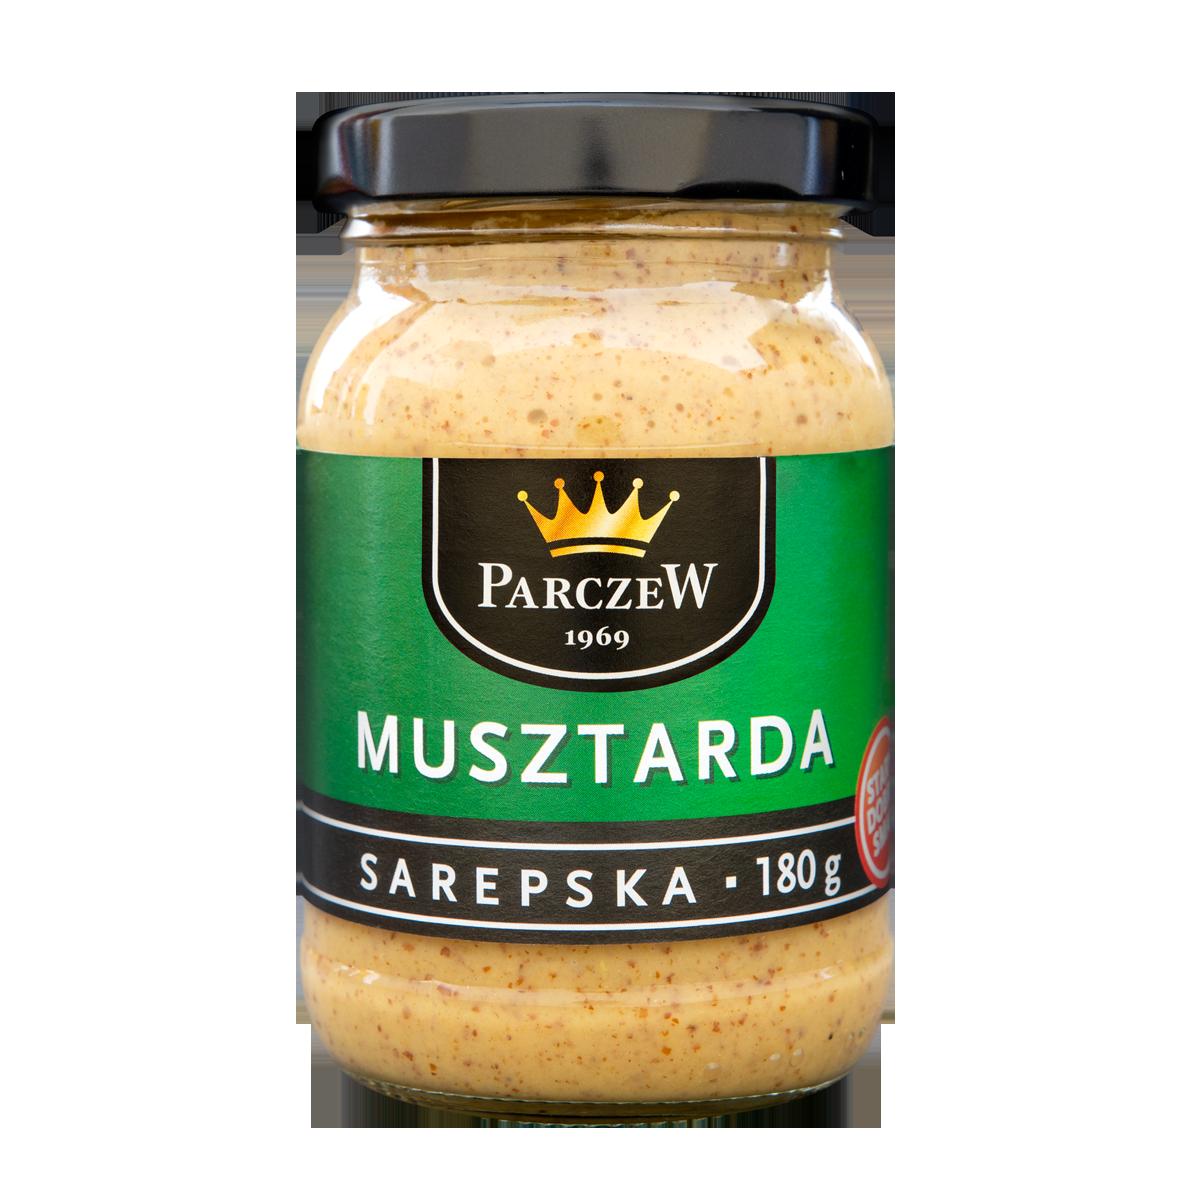 Musztarda_Sarepska